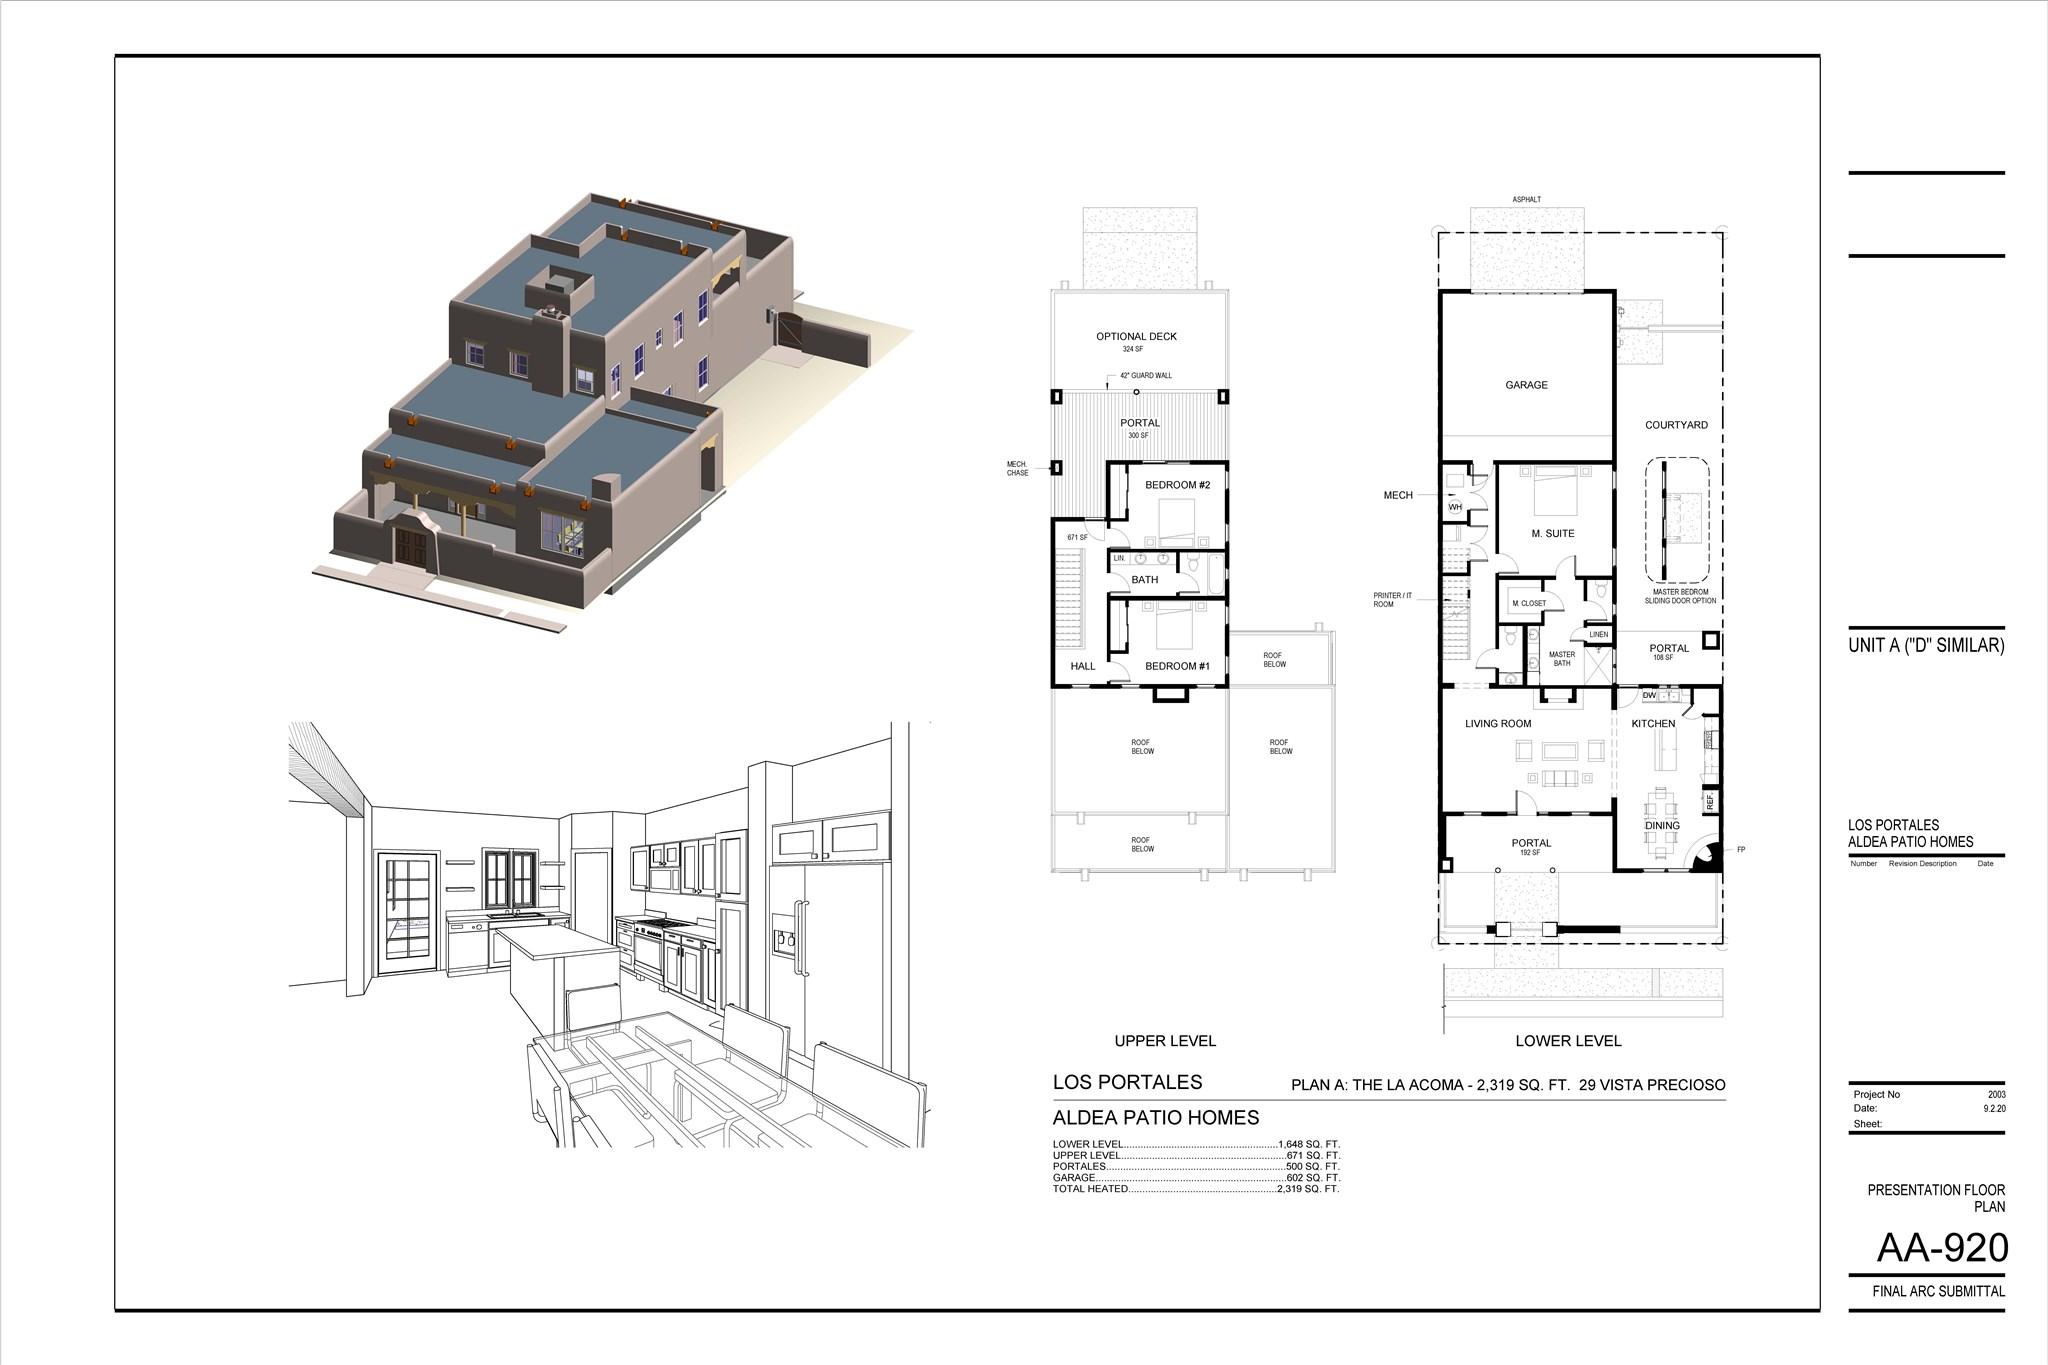 29 Vista Precioso, Santa Fe, New Mexico 87507, 3 Bedrooms Bedrooms, ,3 BathroomsBathrooms,Single Family,For Sale,29 Vista Precioso,2,202000922